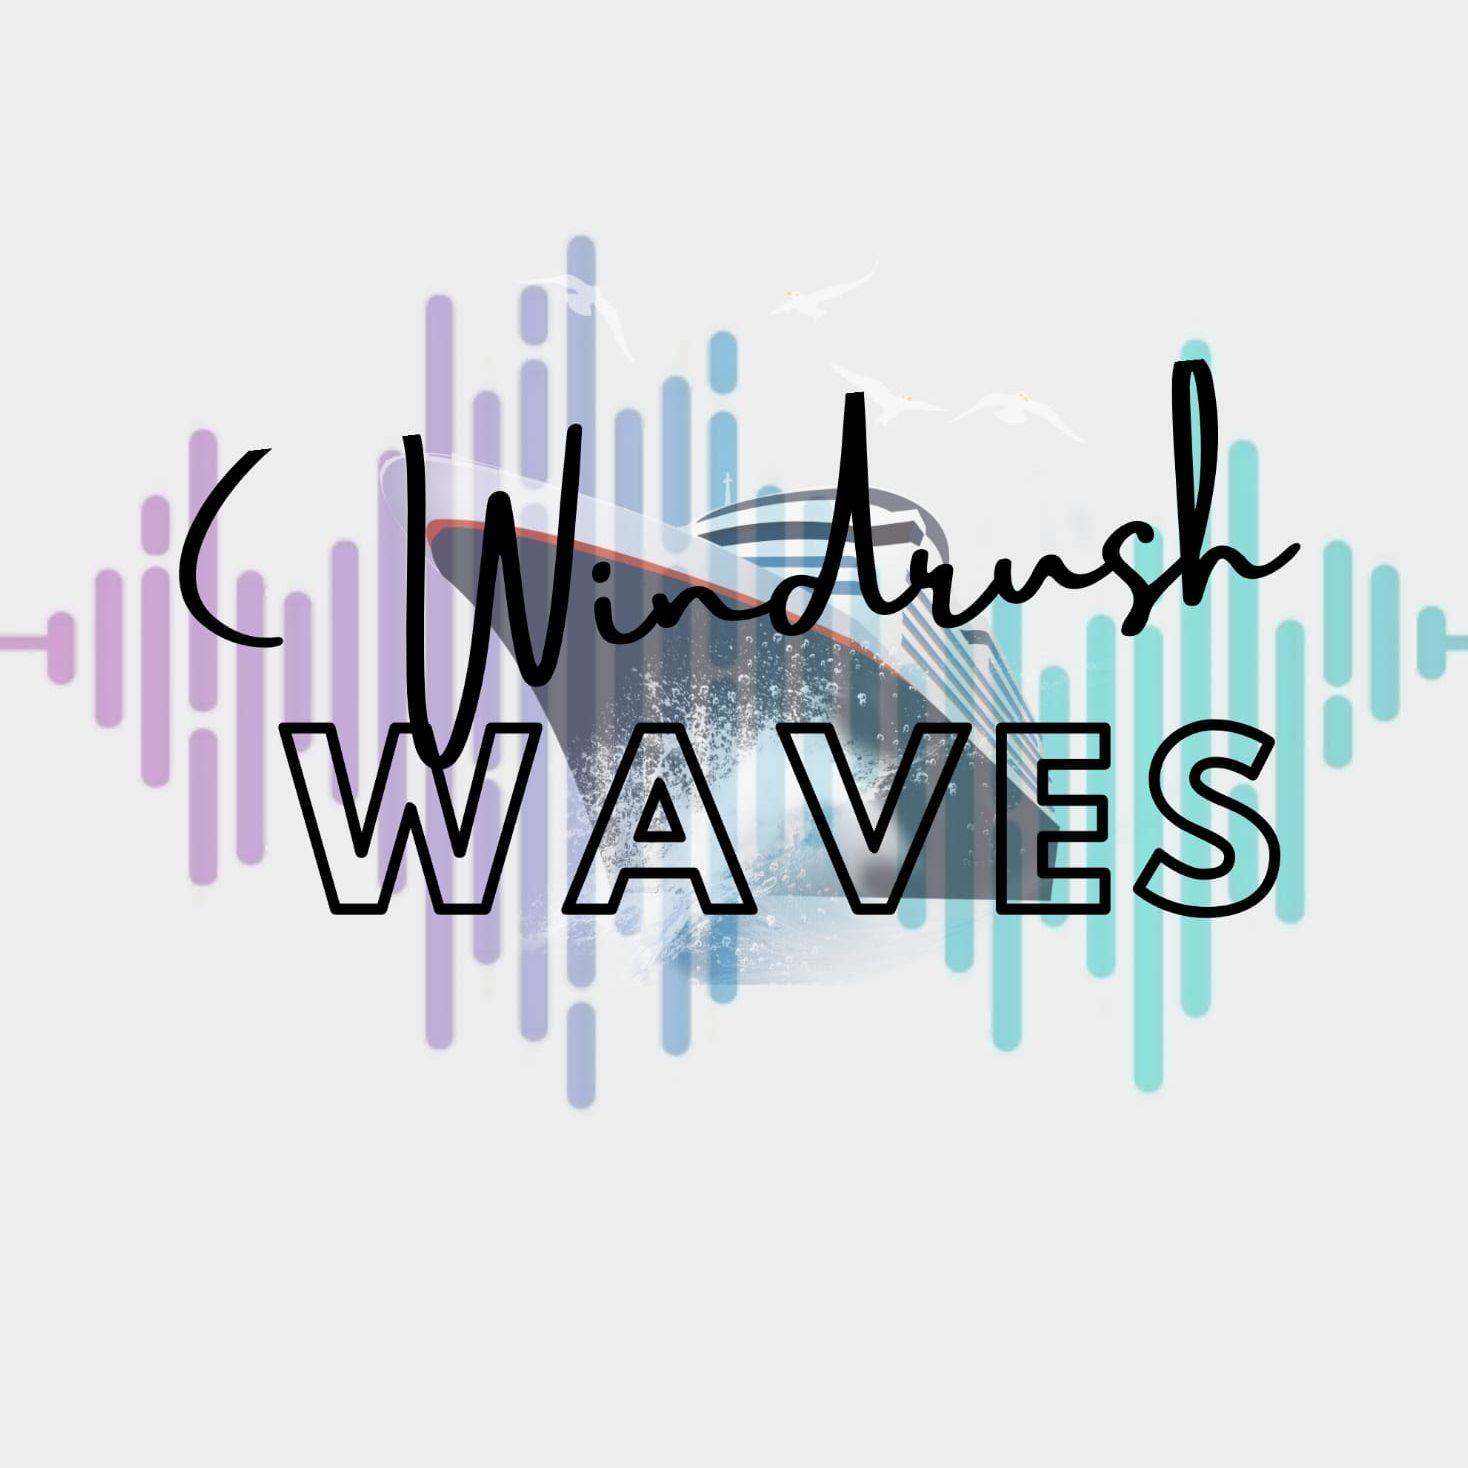 windrush waves